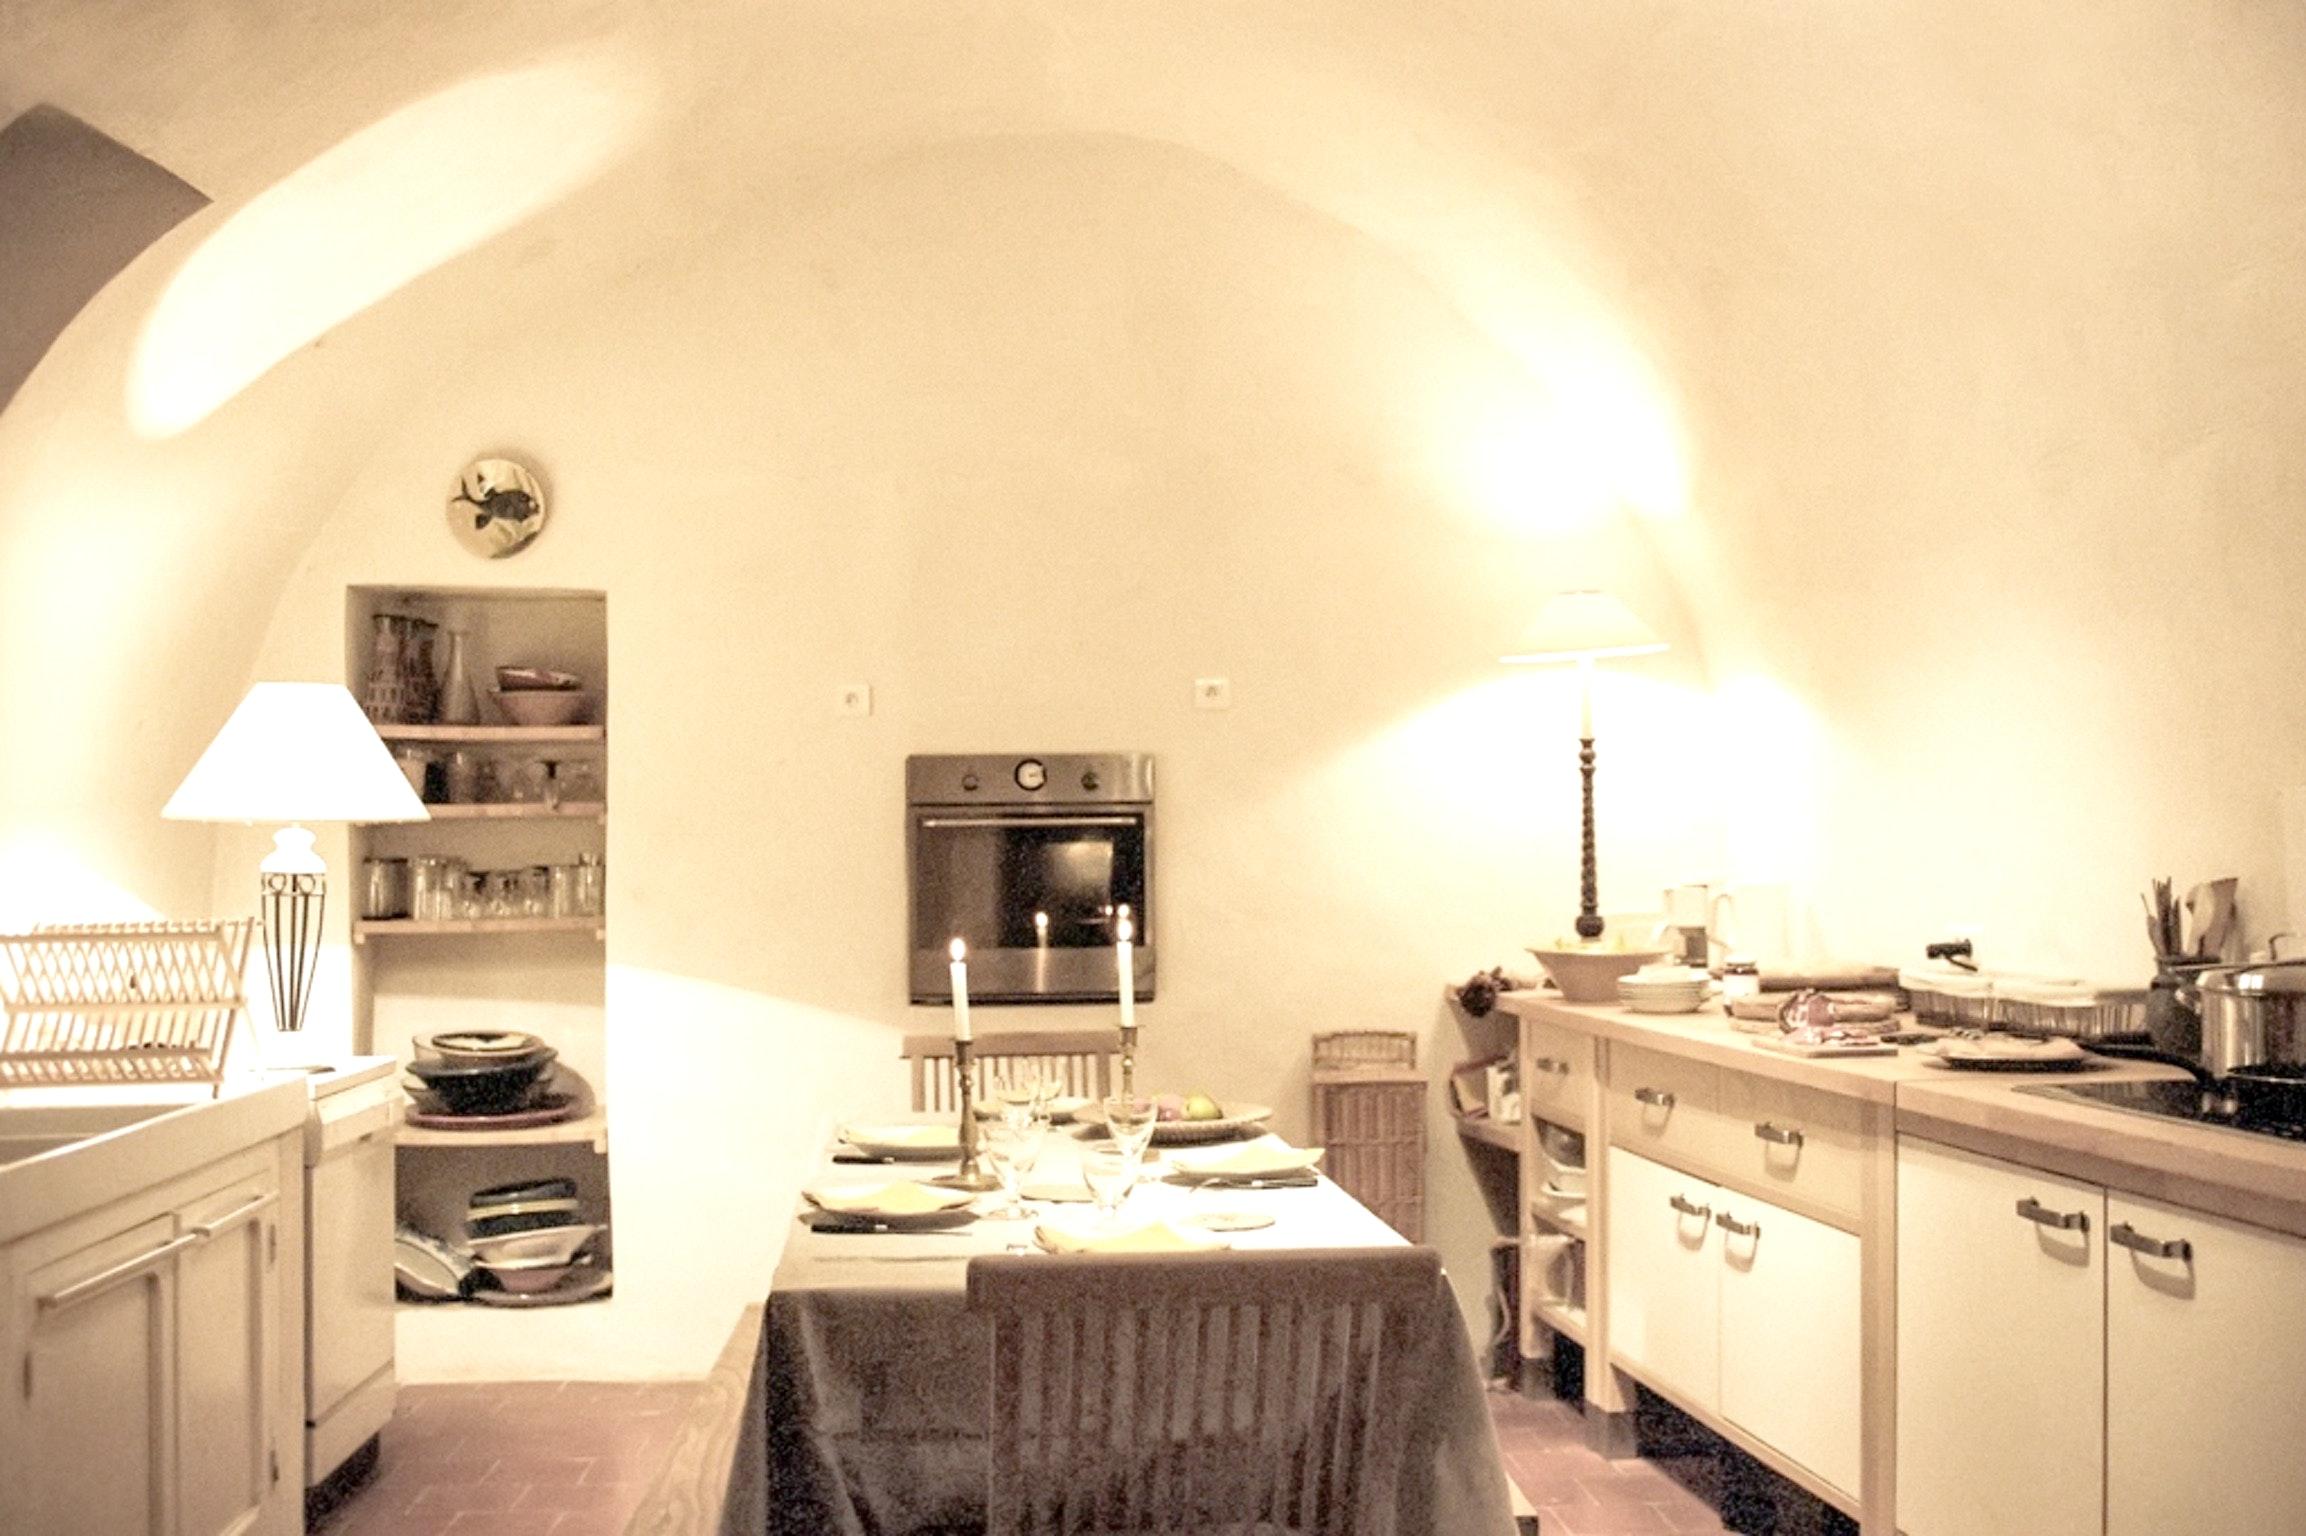 Maison de vacances Herrliches Haus mit neun Schlafzimmern und grandiosem Blick aufs Meer im hübschen Dörfchen (2202571), Centuri, Haute-Corse, Corse, France, image 10